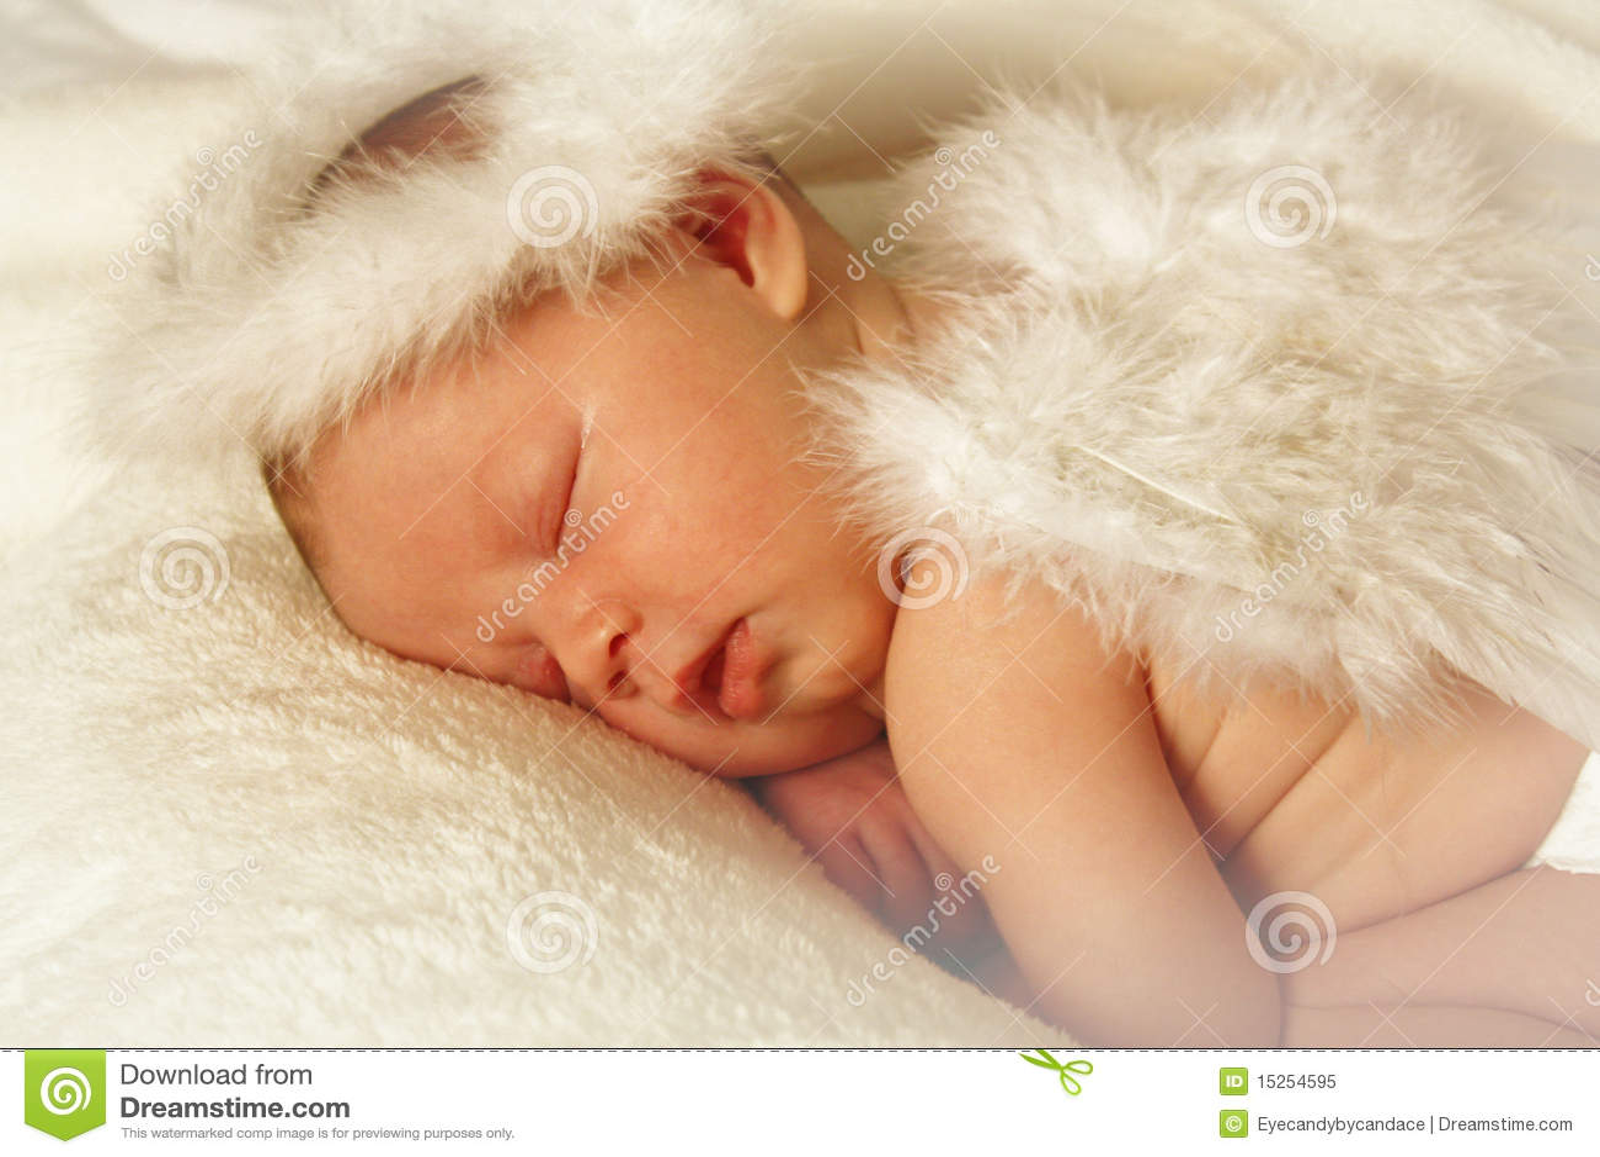 Newborn Identical Twins Baby Angel Royalty Fre...